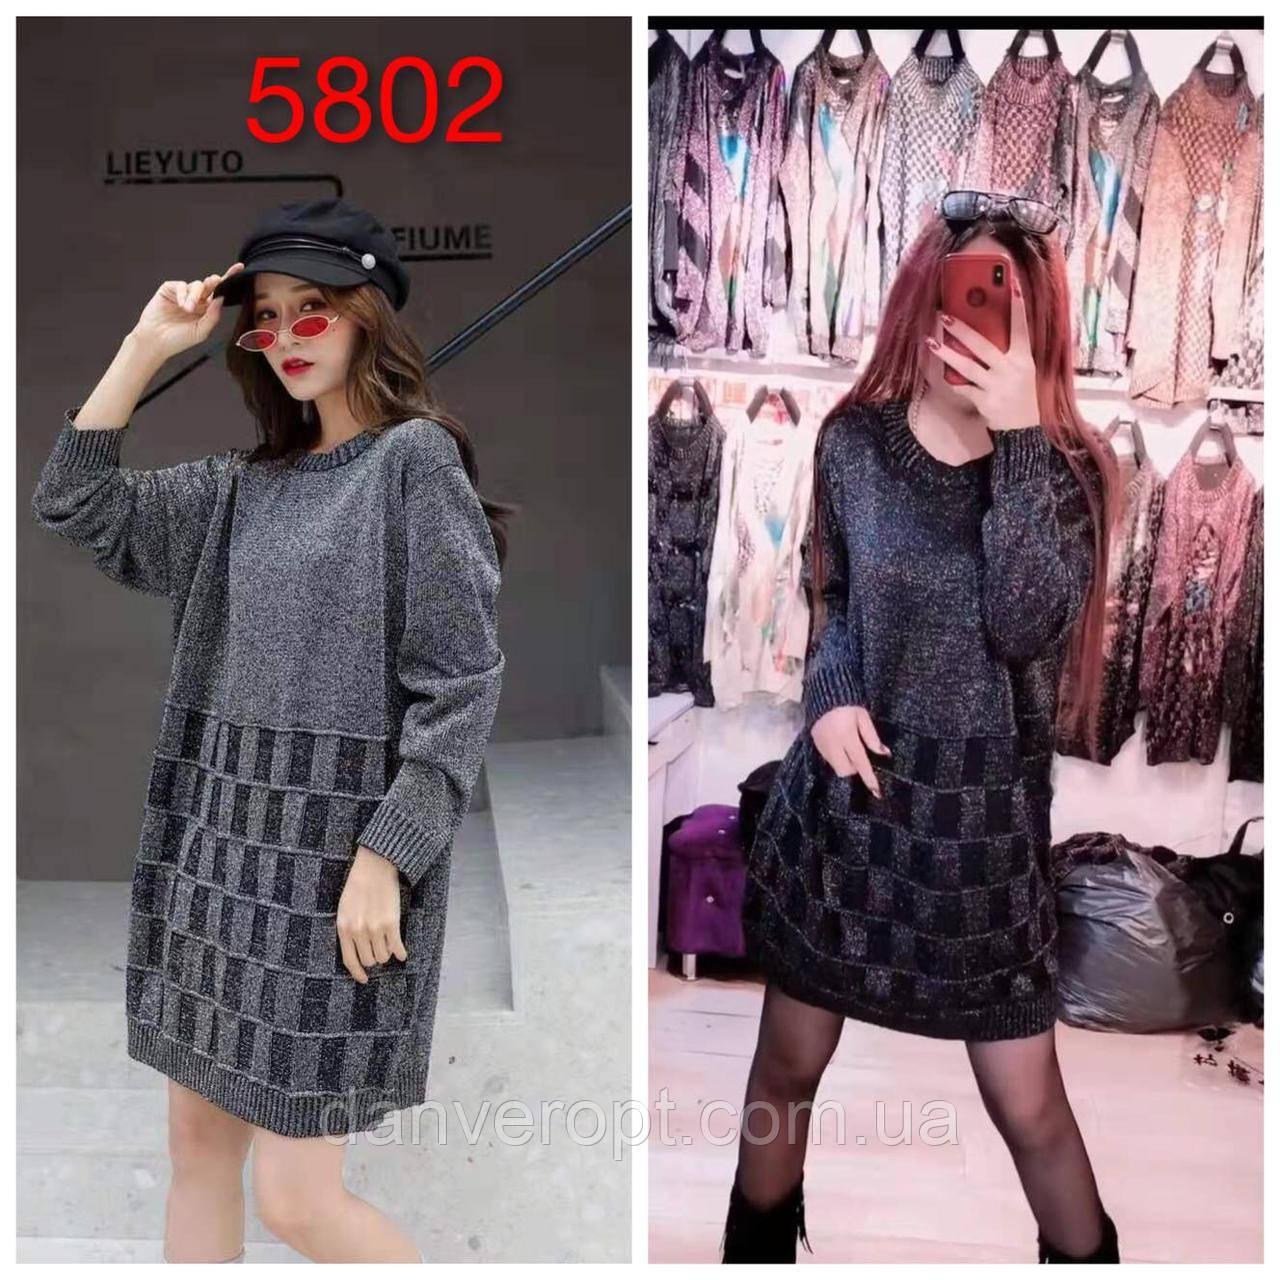 Платье-туника женская модная стильная размер универсальный 42-52 купить оптом со склада 7км Одесса